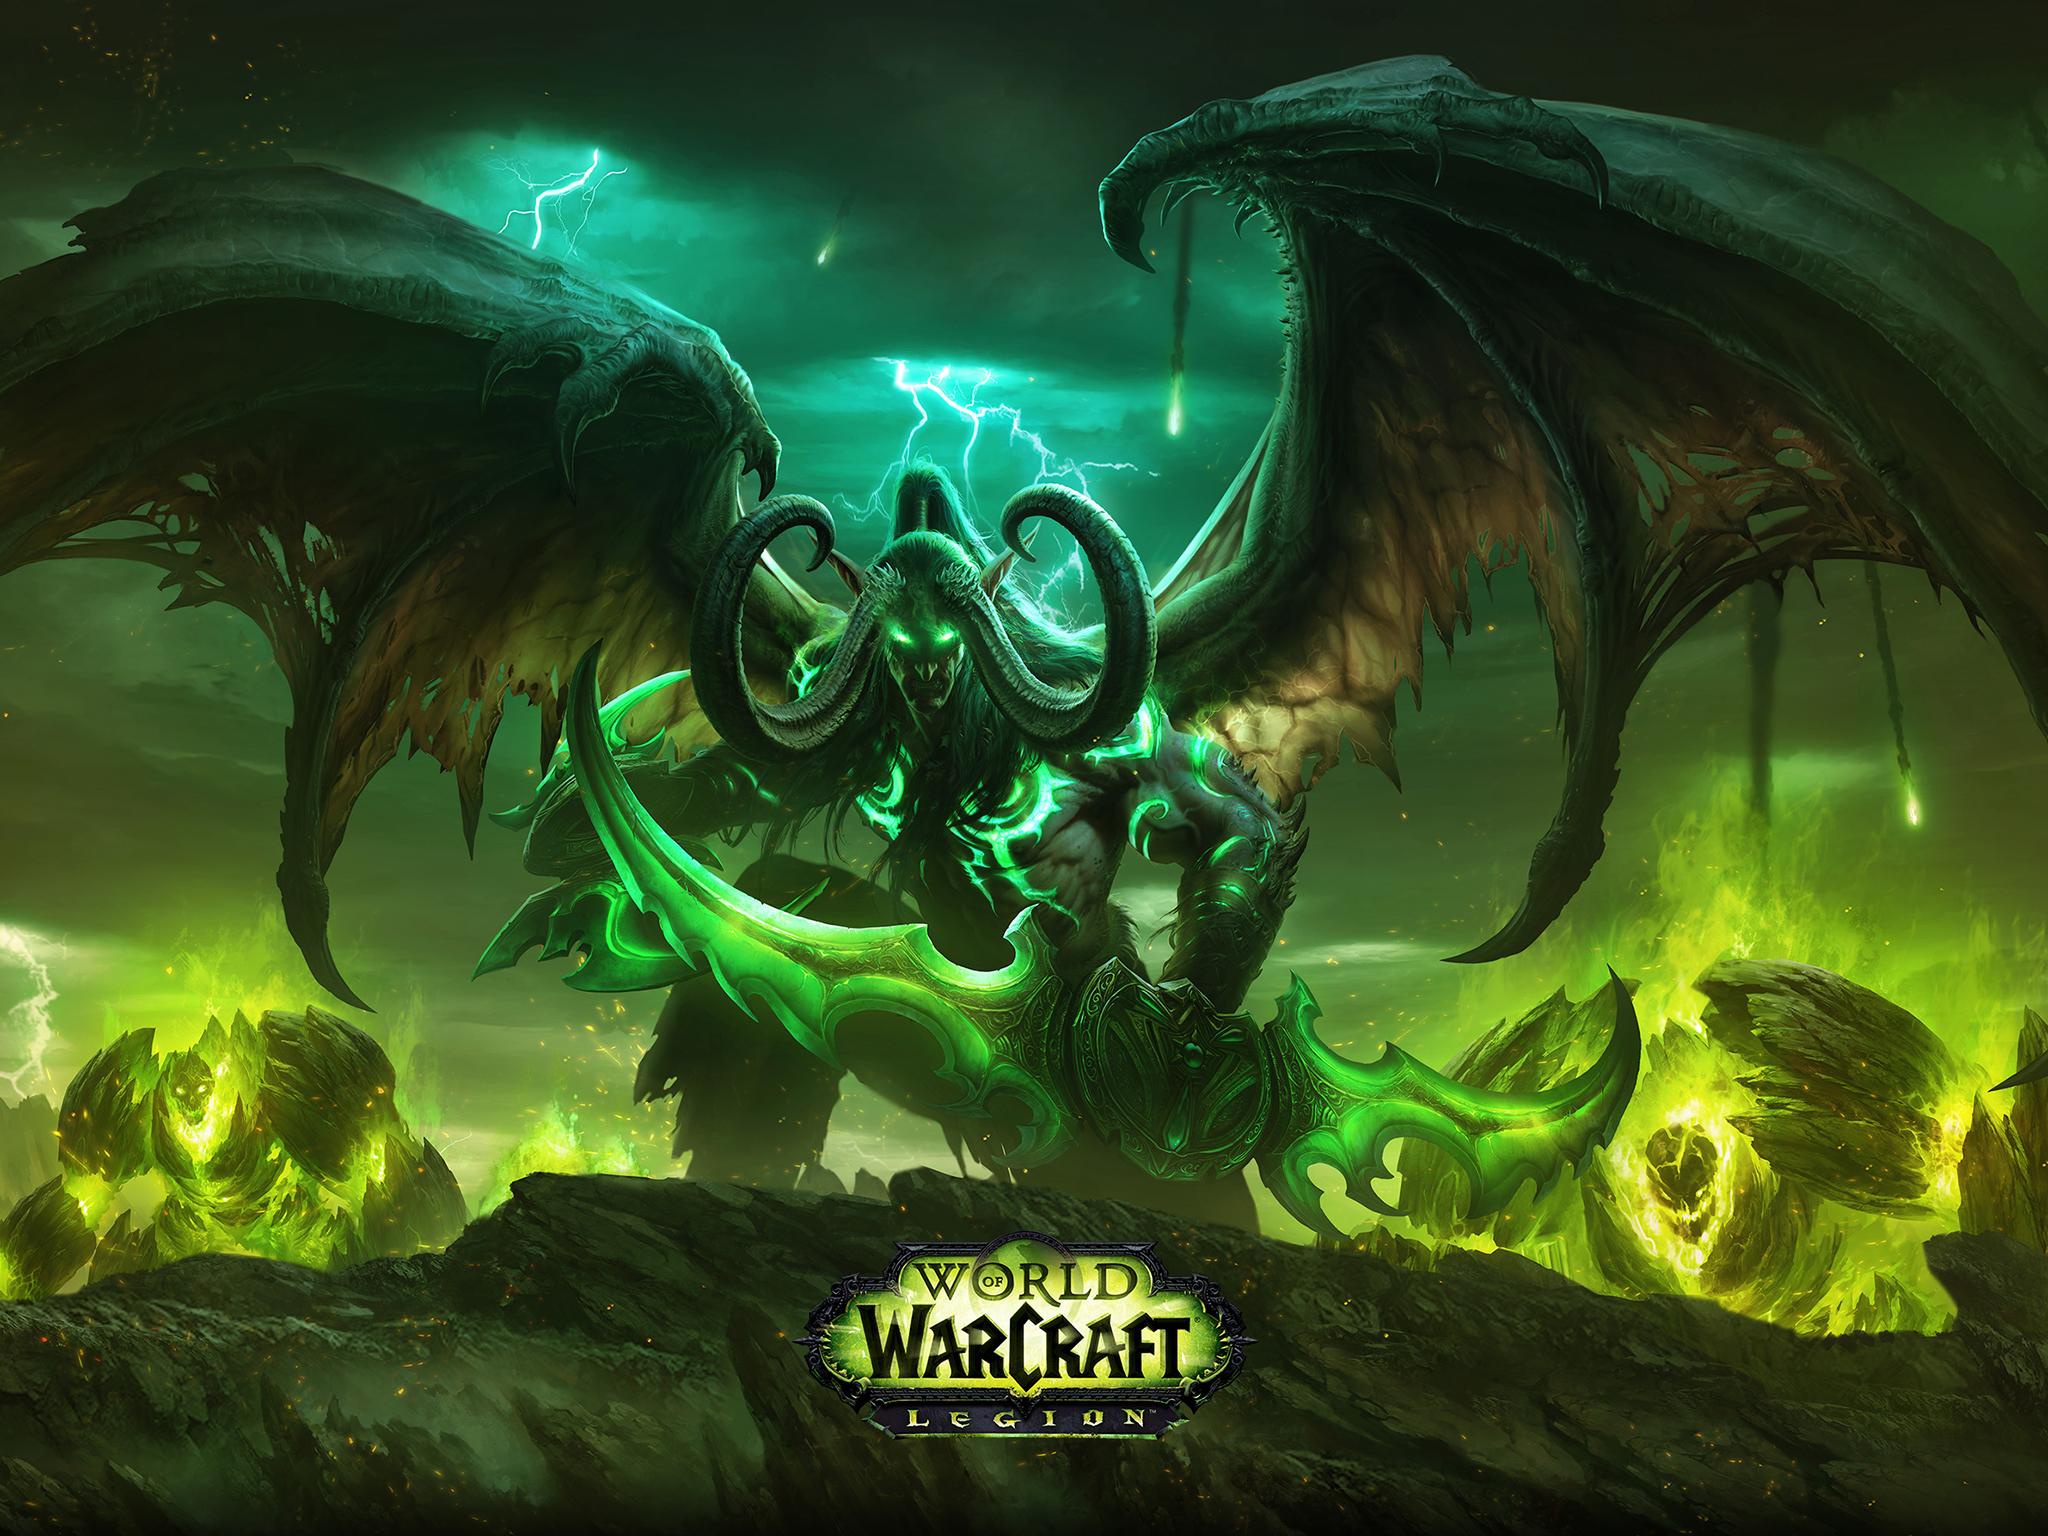 World Of Warcraftın Yeni Paketi Duyuruldu 24